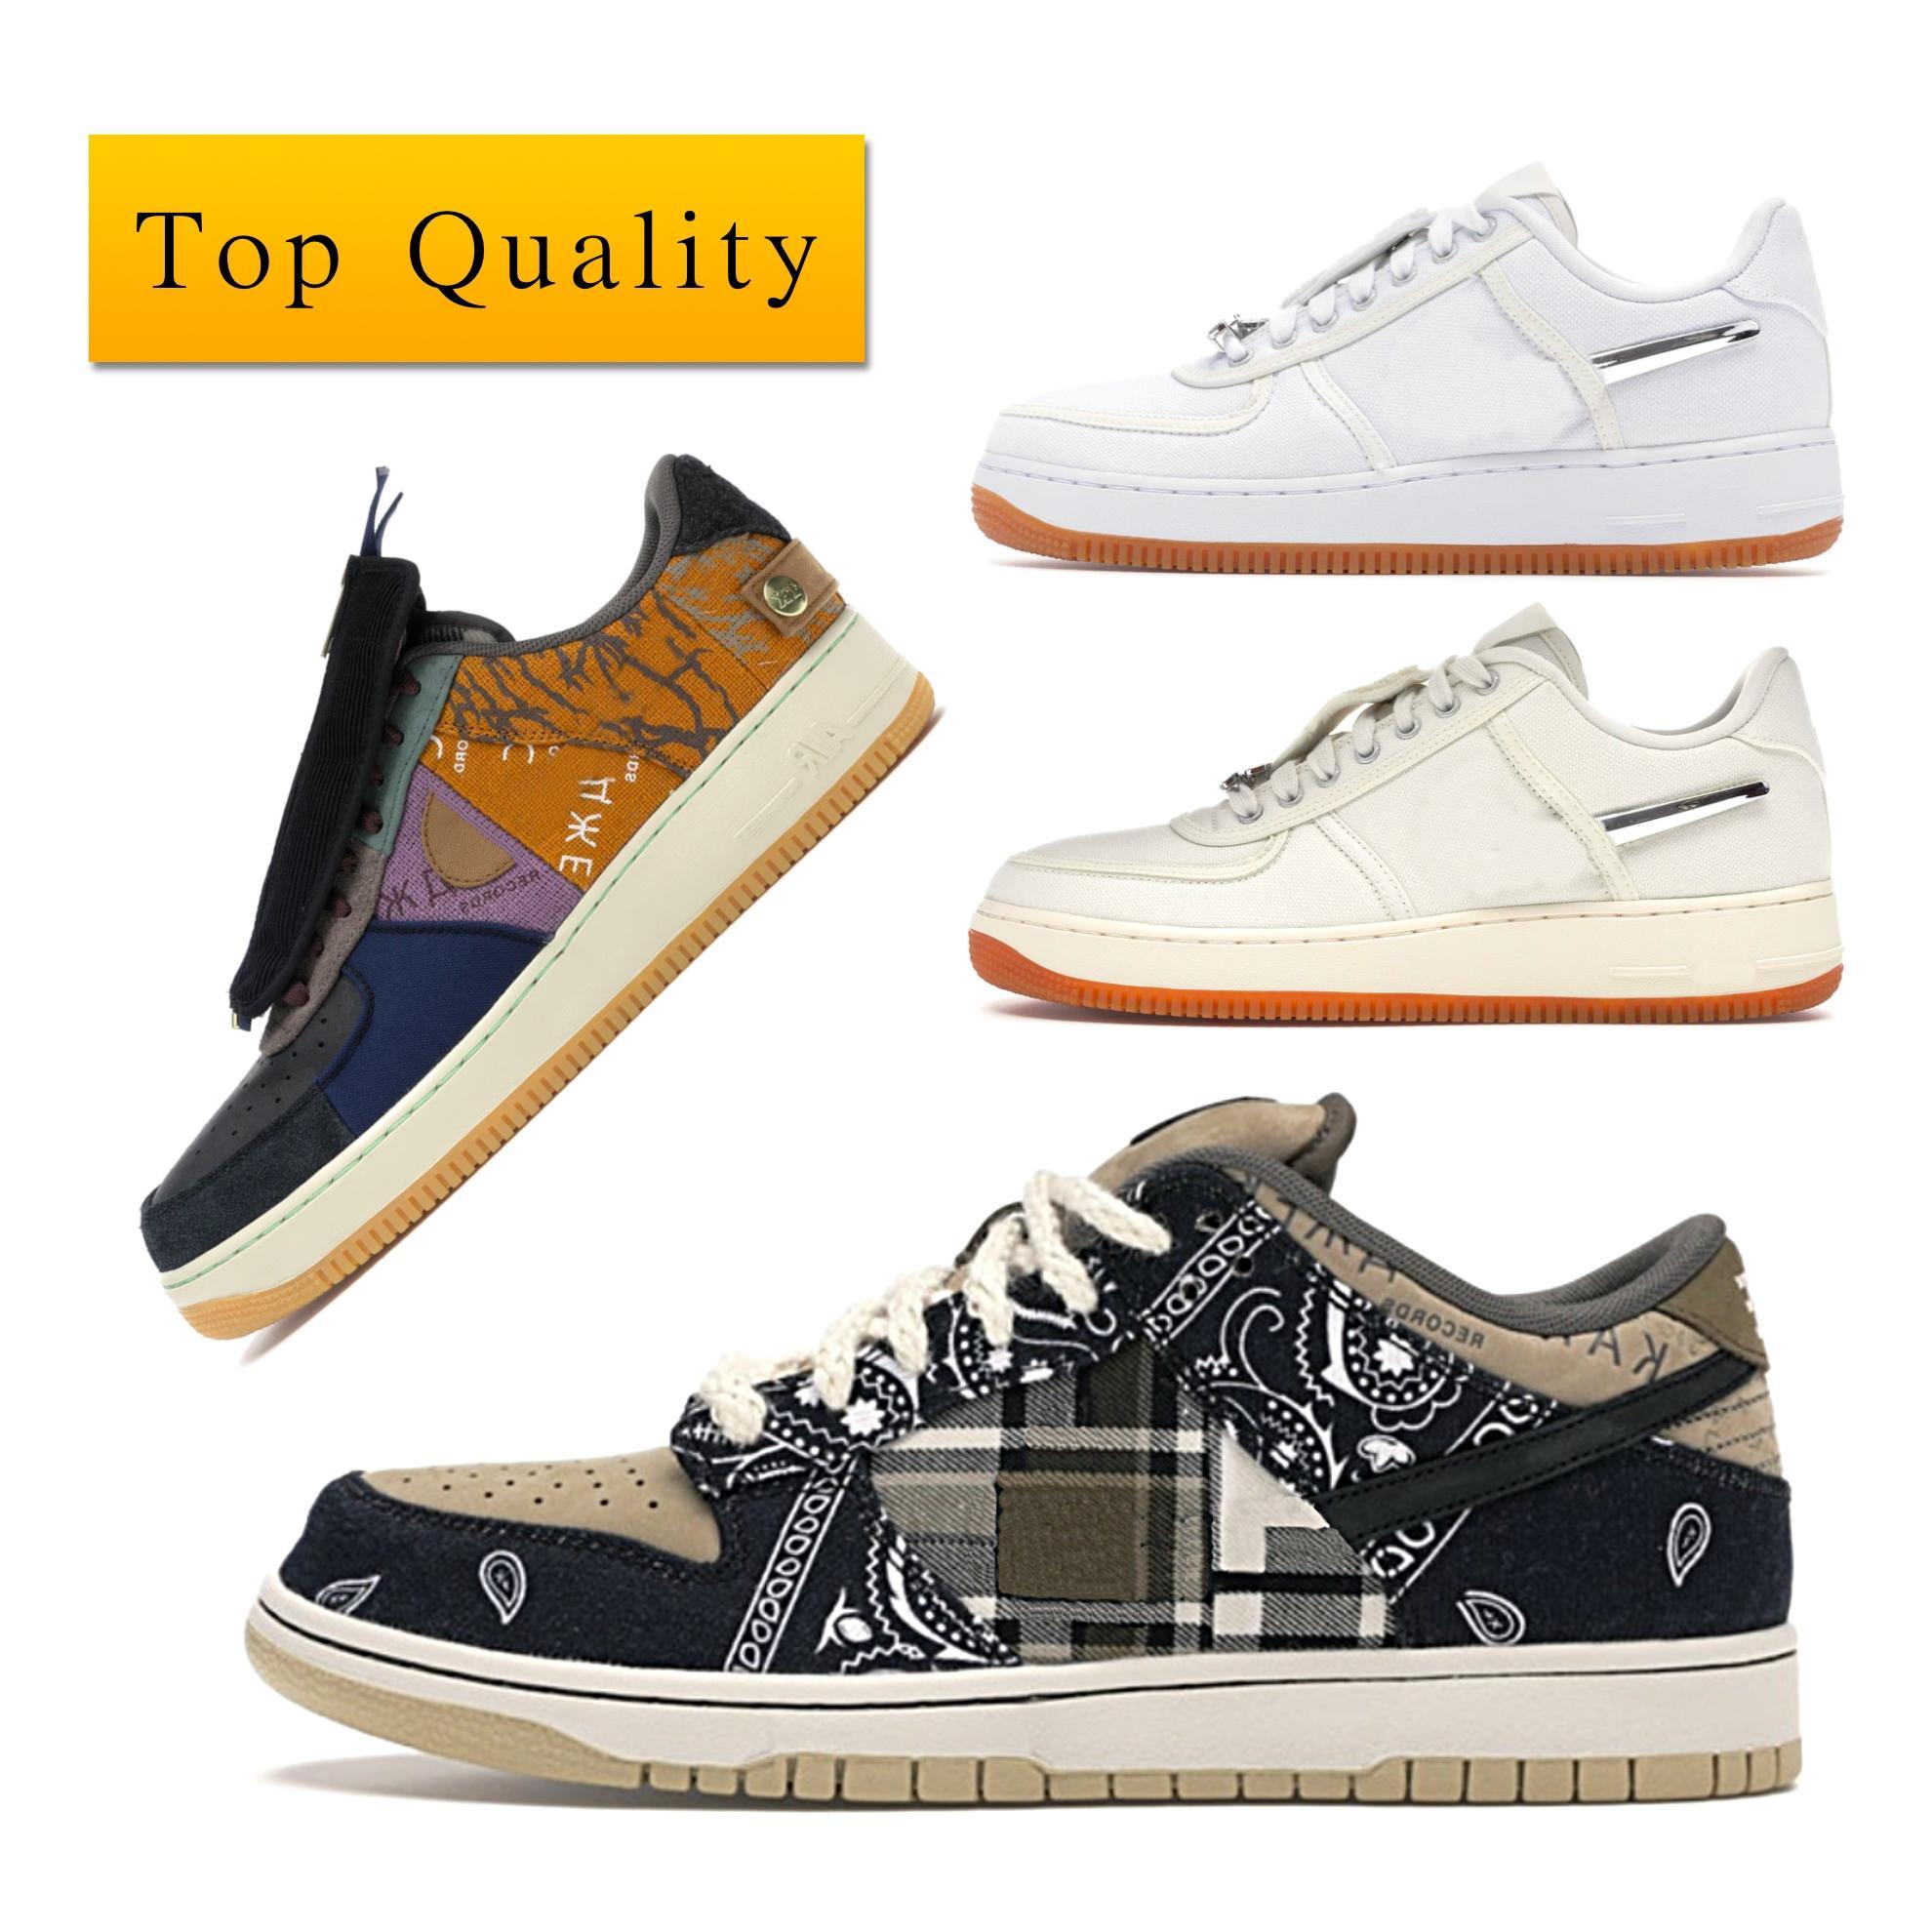 أعلى جودة SB دونك رجل أحذية صبار جاك منخفضة إمرأة حذاء رياضة منتظم صندوق سترينجغلوف ألواح التزحلق الخاصة صندوق US5.5-12 CN2405-900